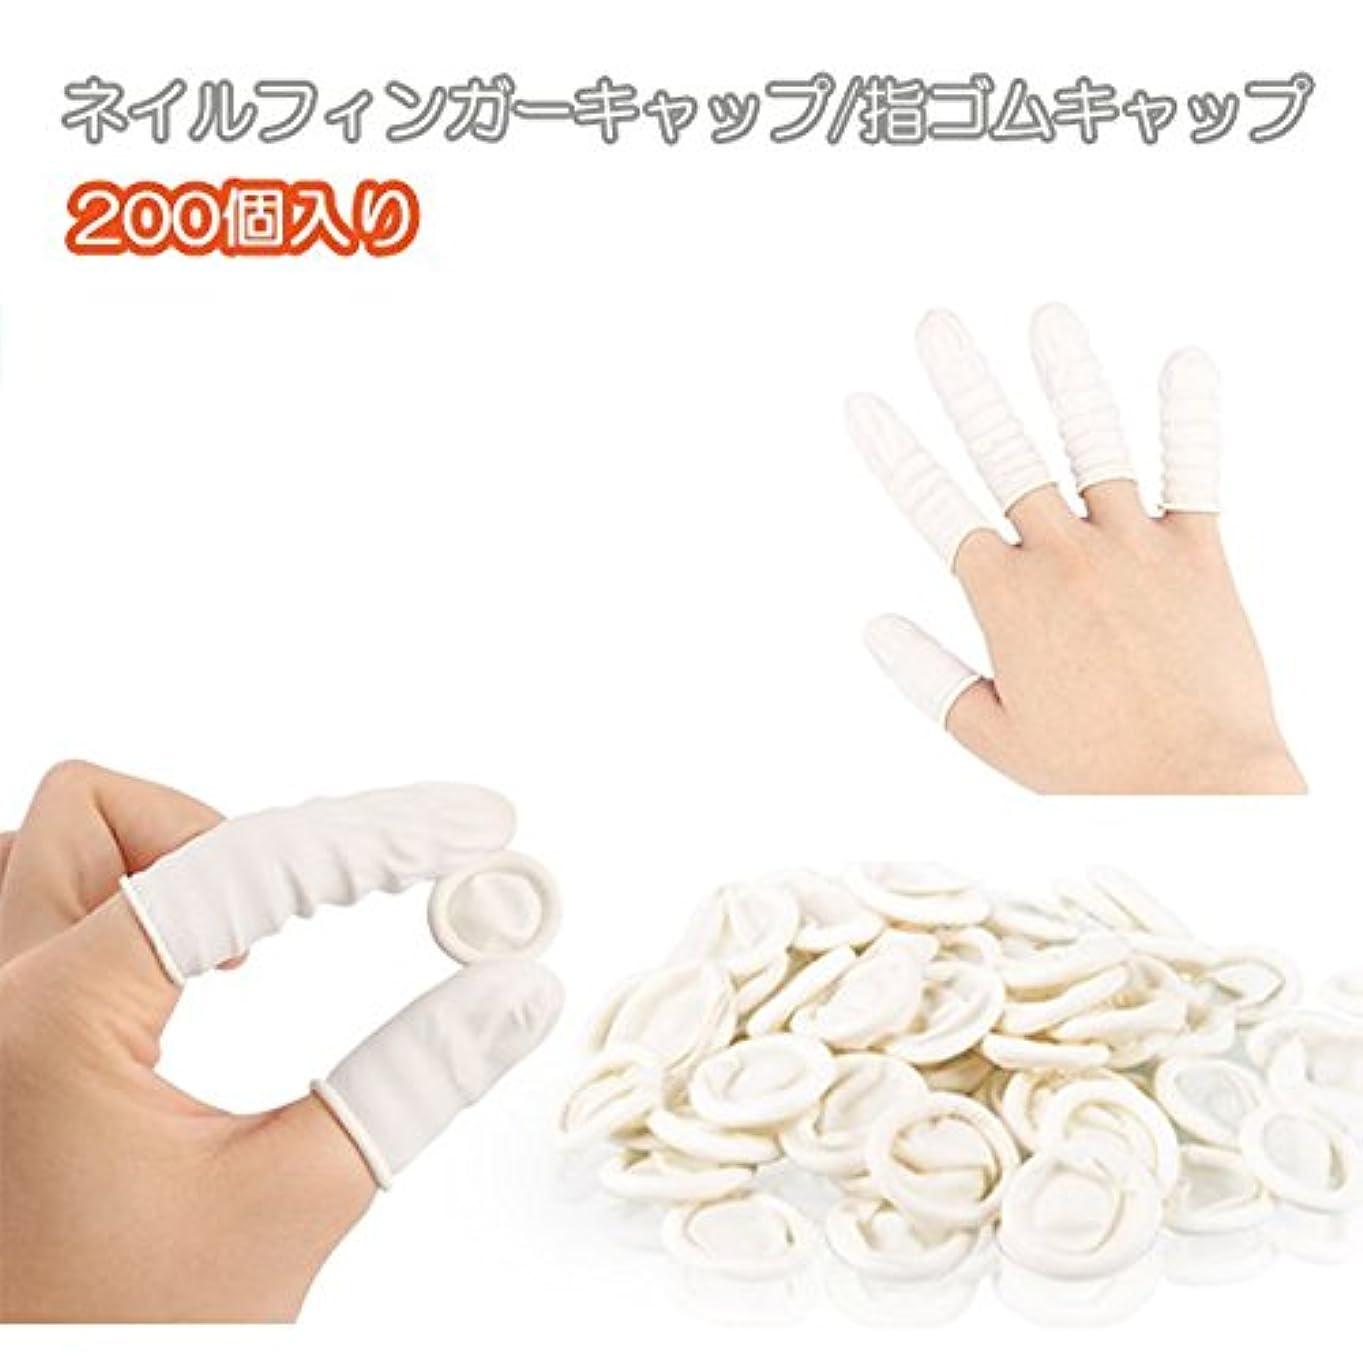 中出会い石のネイルフィンガーキャップ☆ジェルネイルオフ用【200個入り】 (M200)